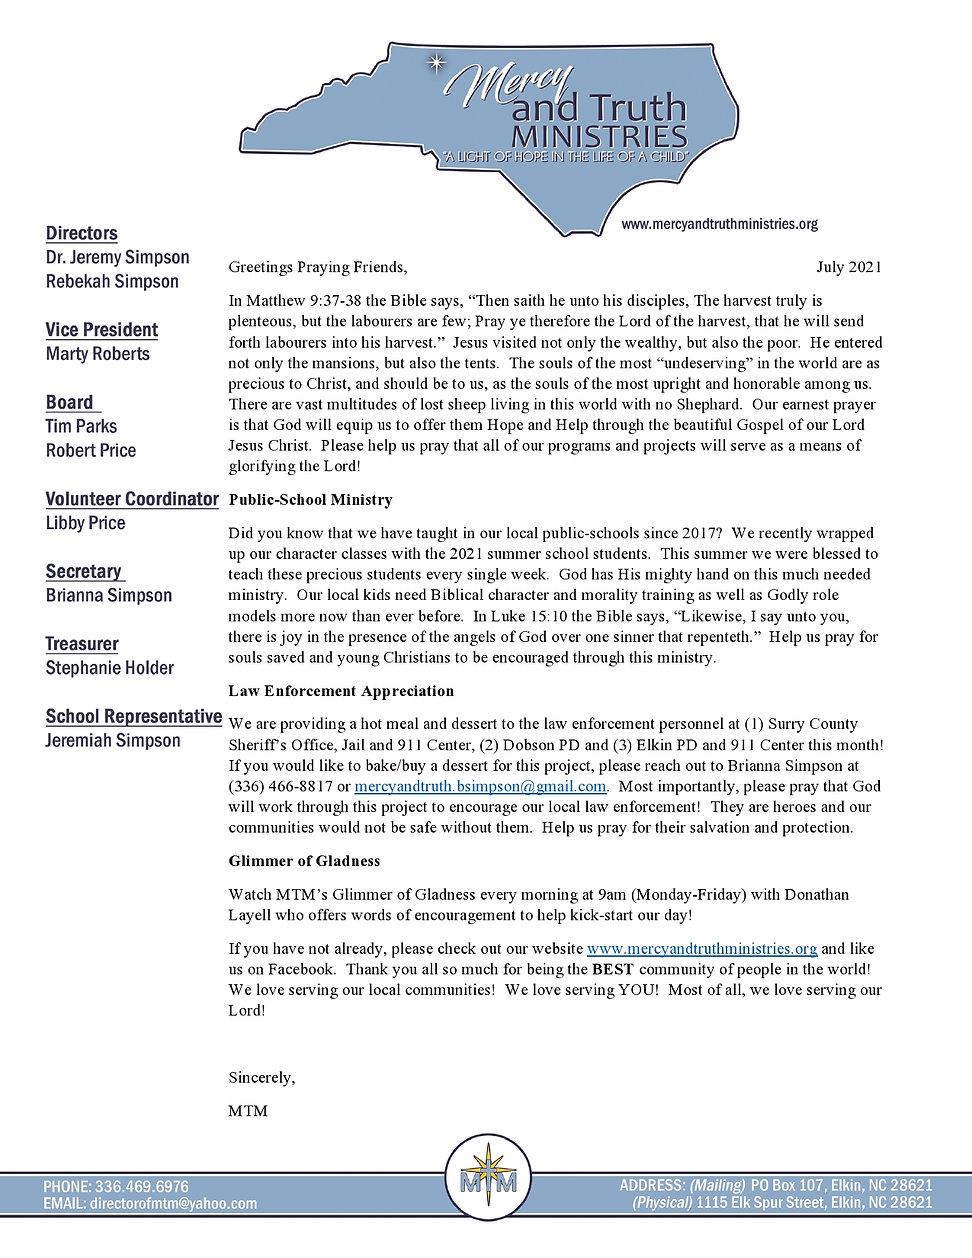 MTM Newsletter - July 2021 JPG.jpg